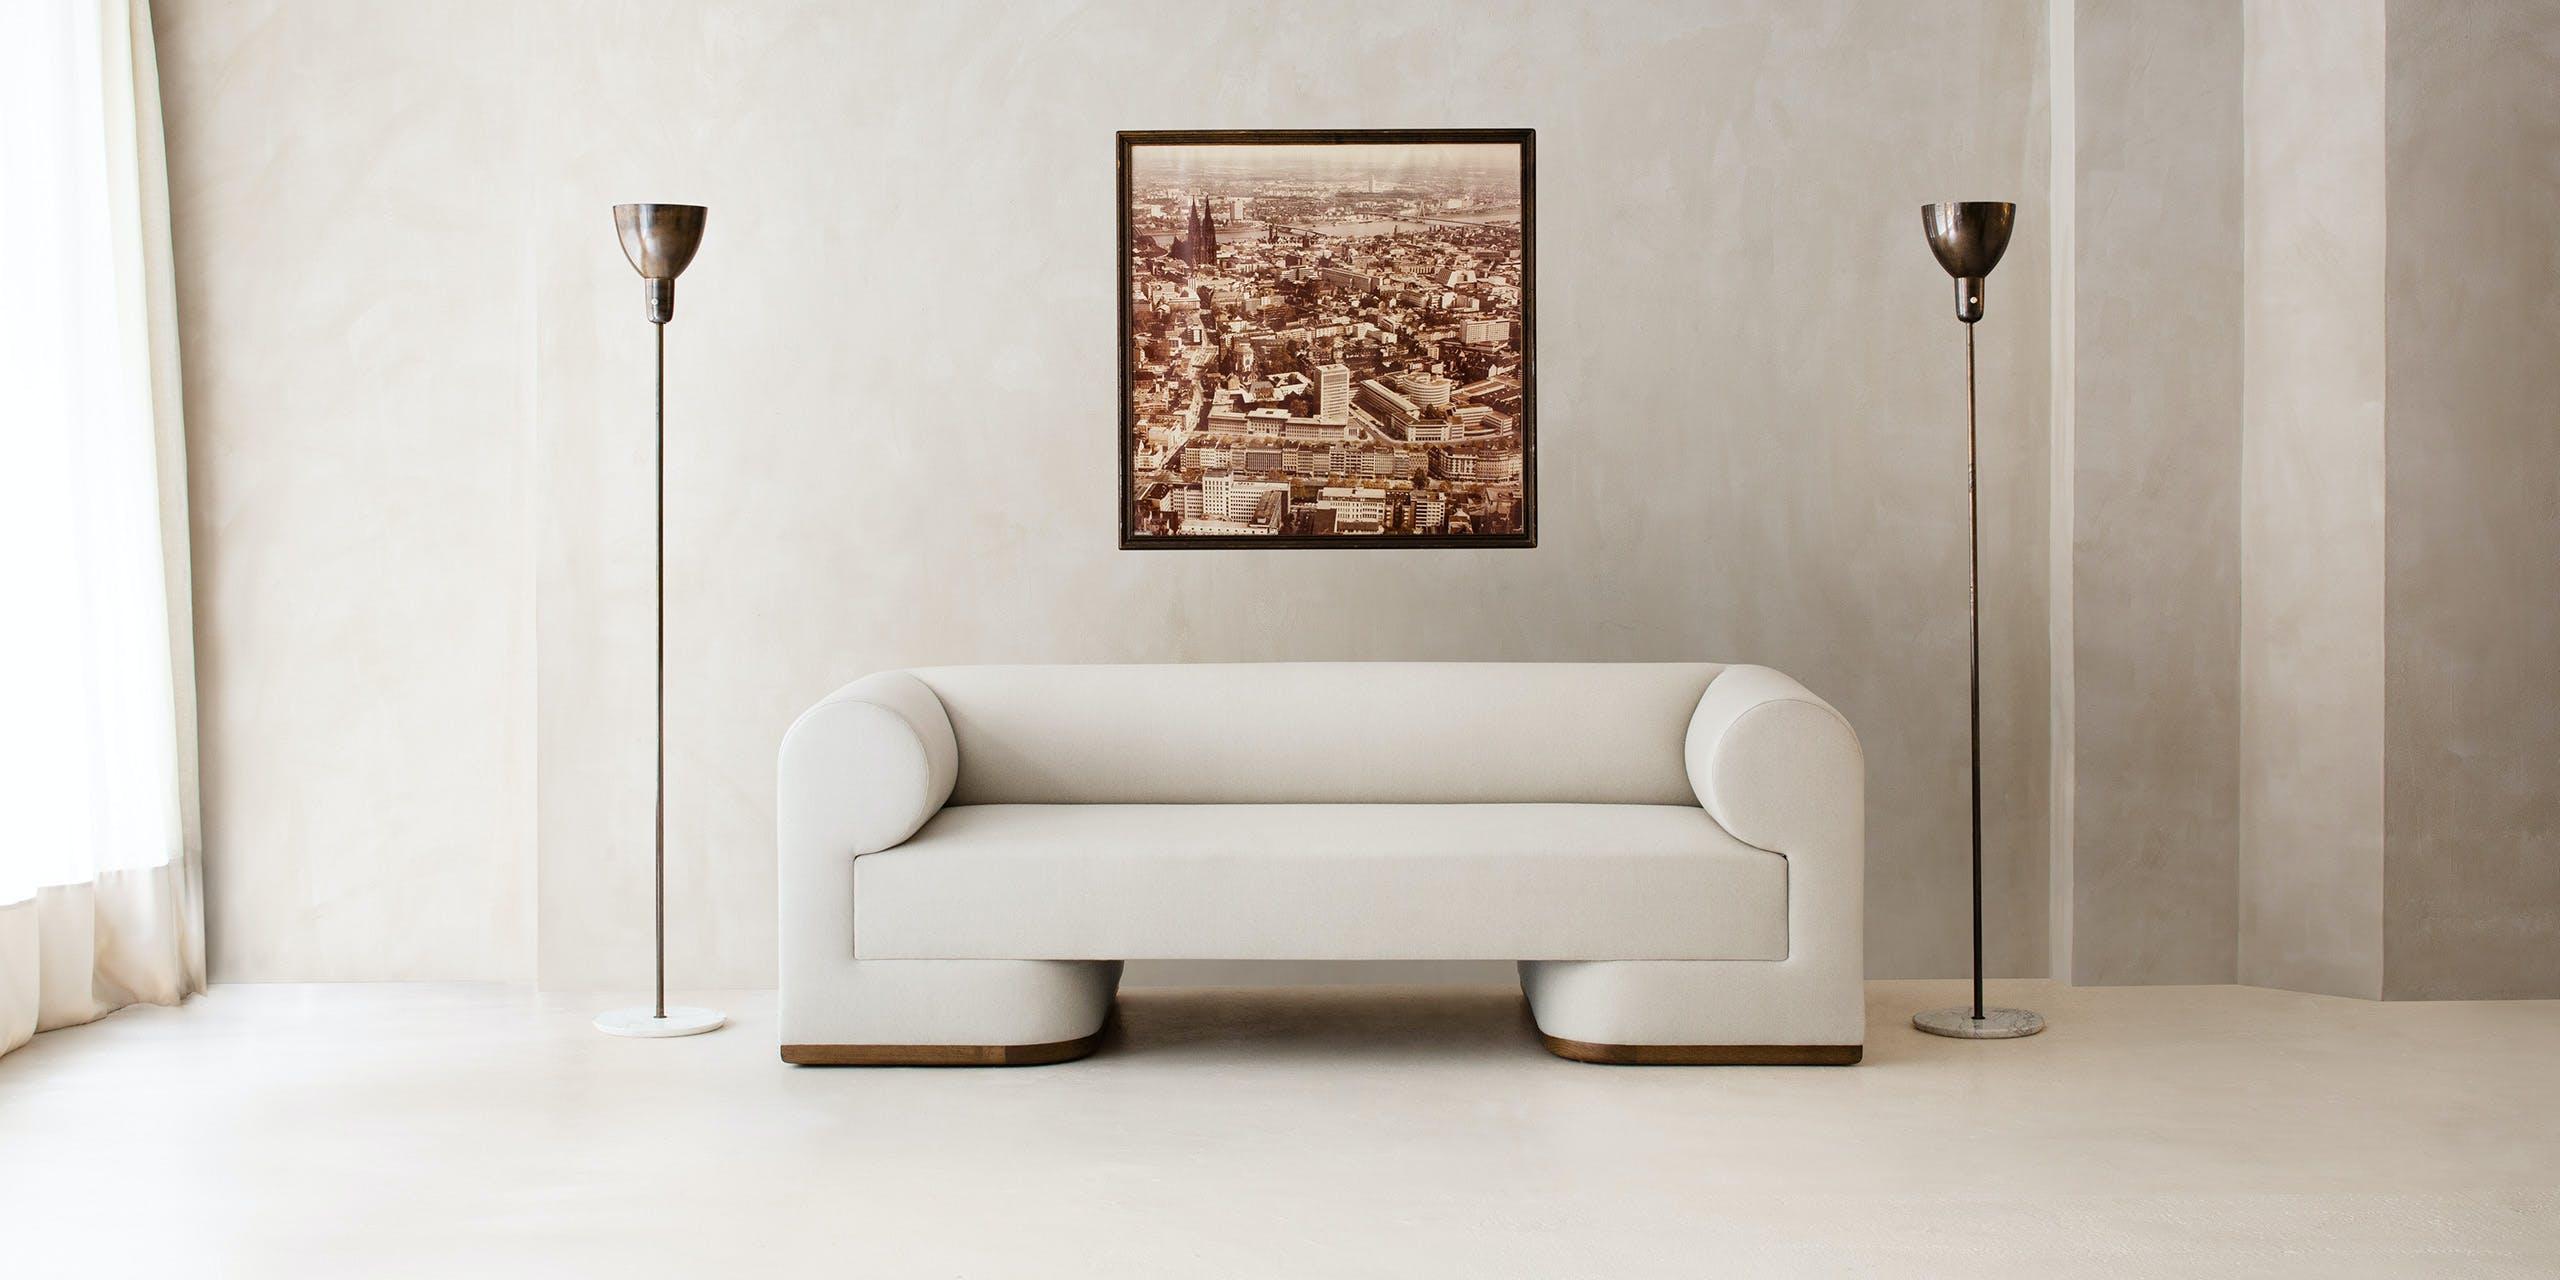 Dahlem sofa main.jpg?ixlib=rails 2.1